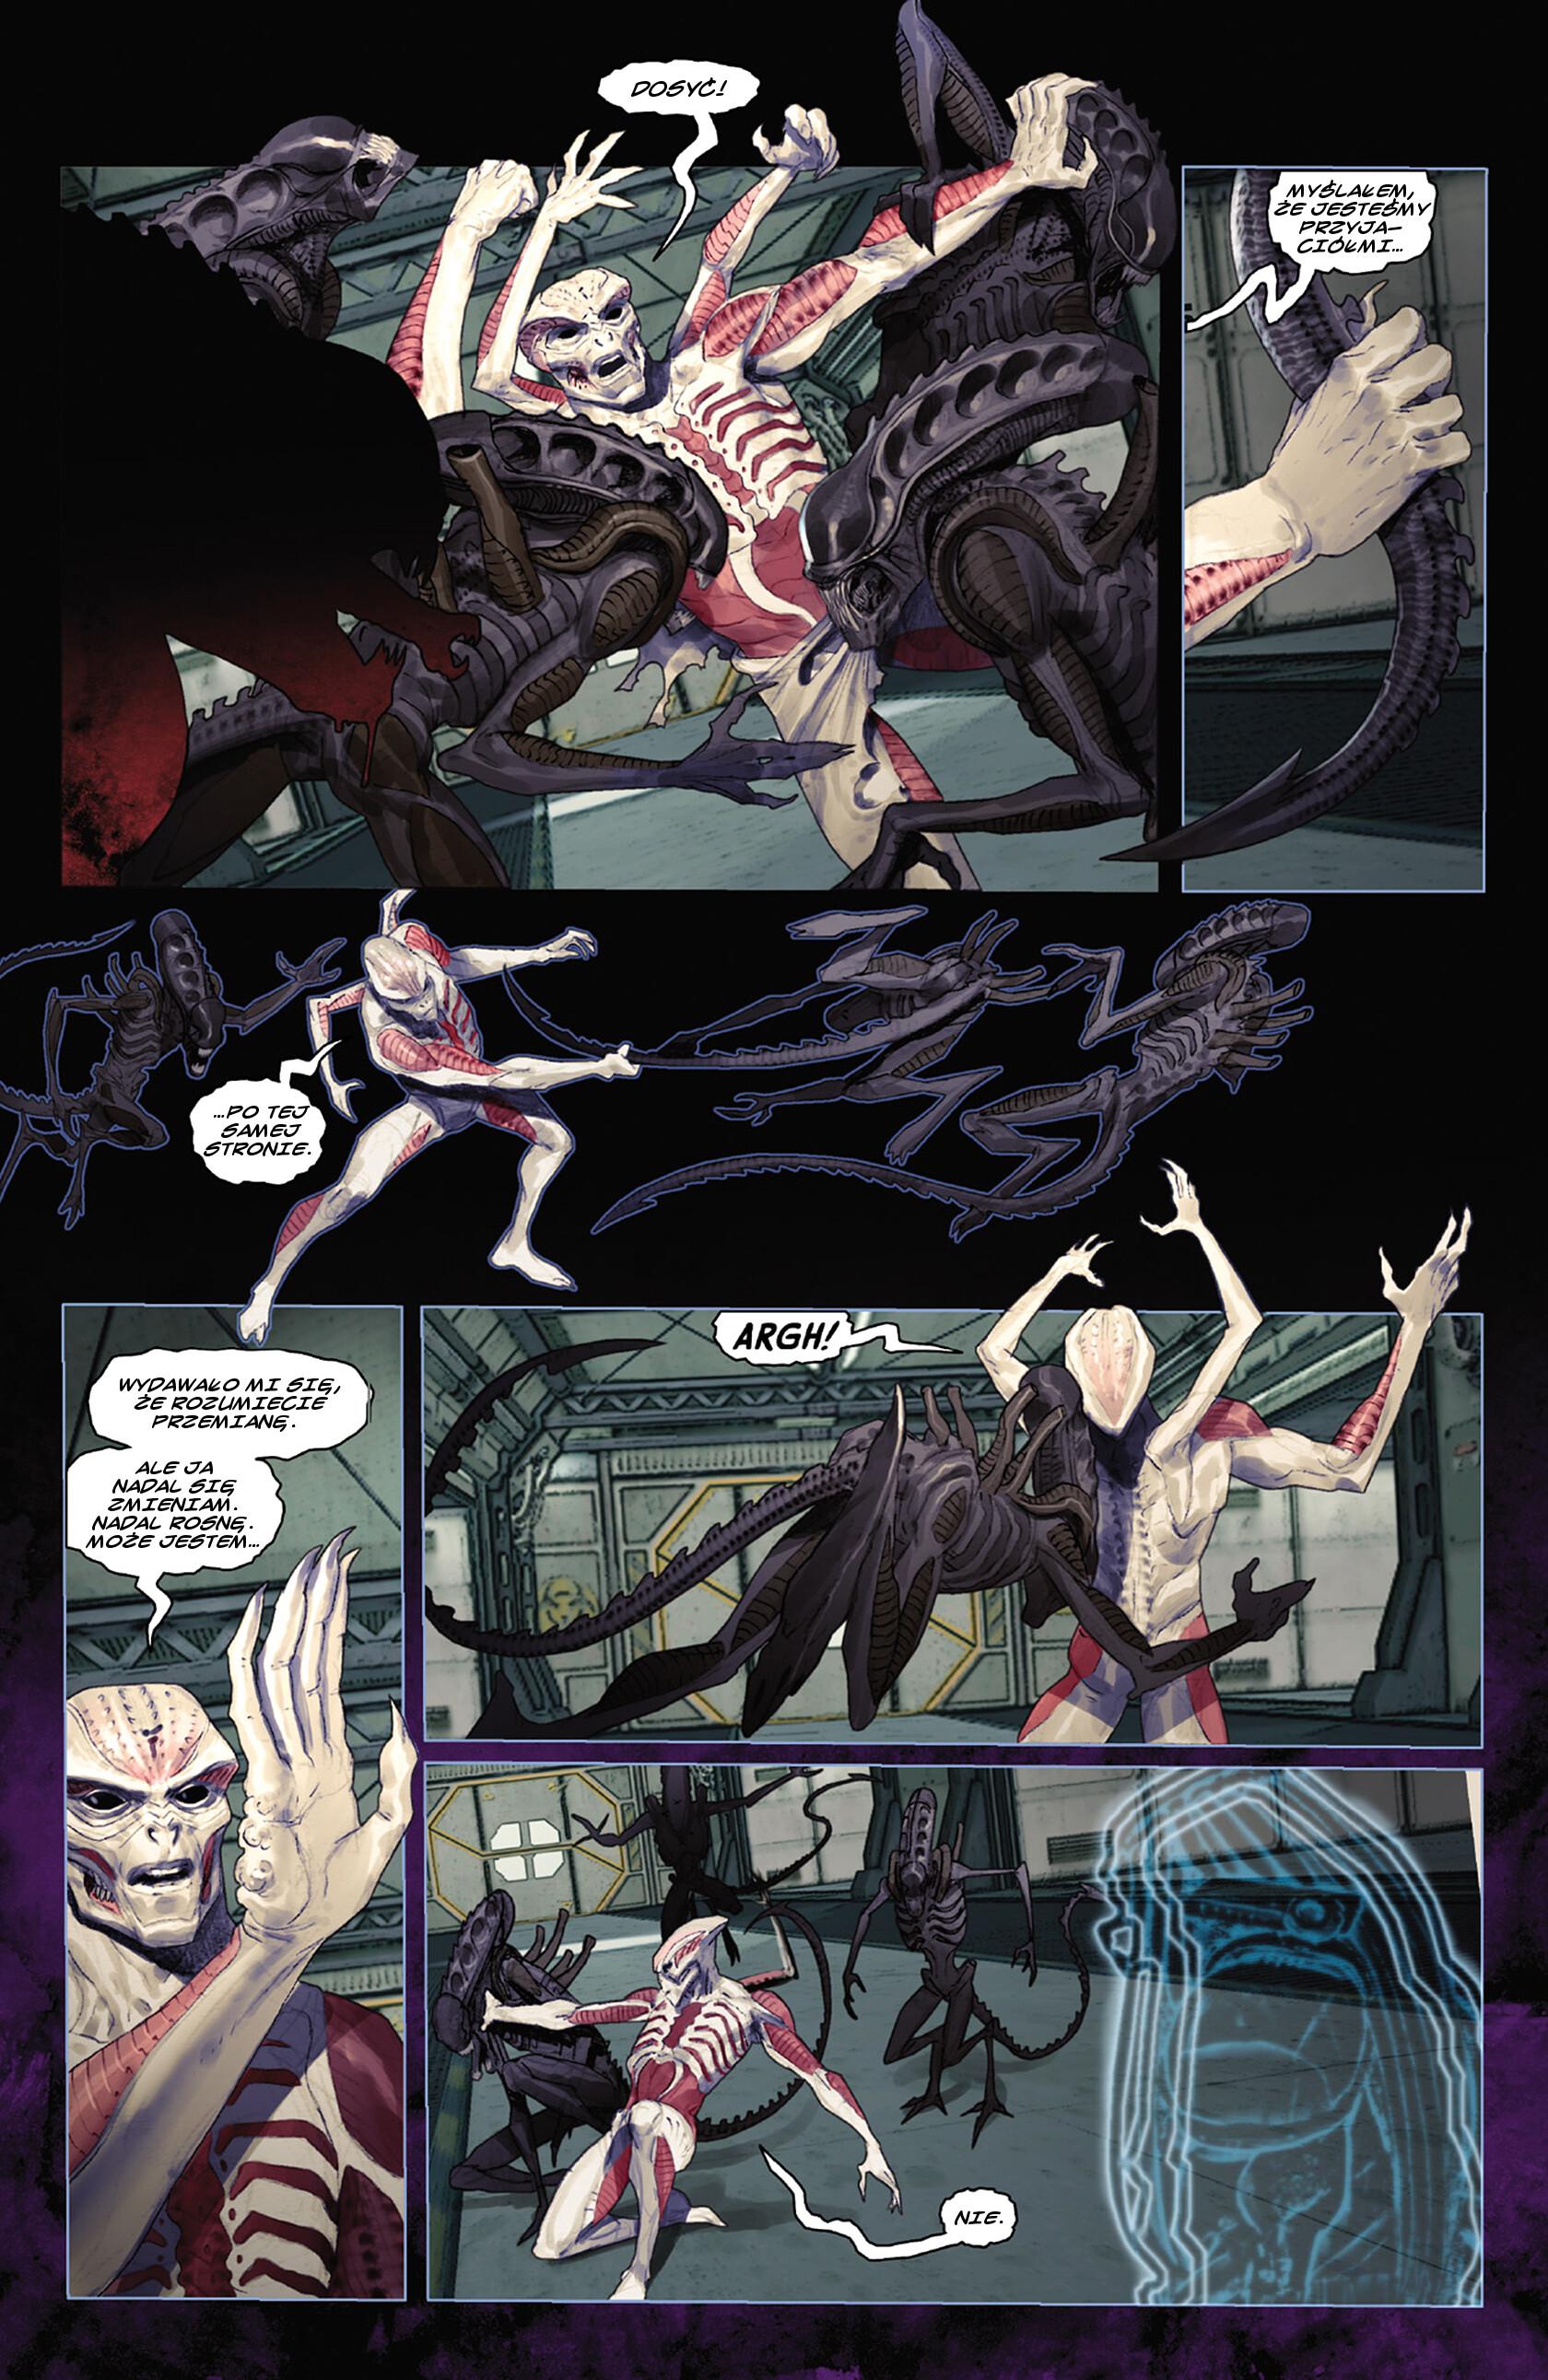 Read online Alien vs. Predator: Fire and Stone comic -  Issue #3 - 6